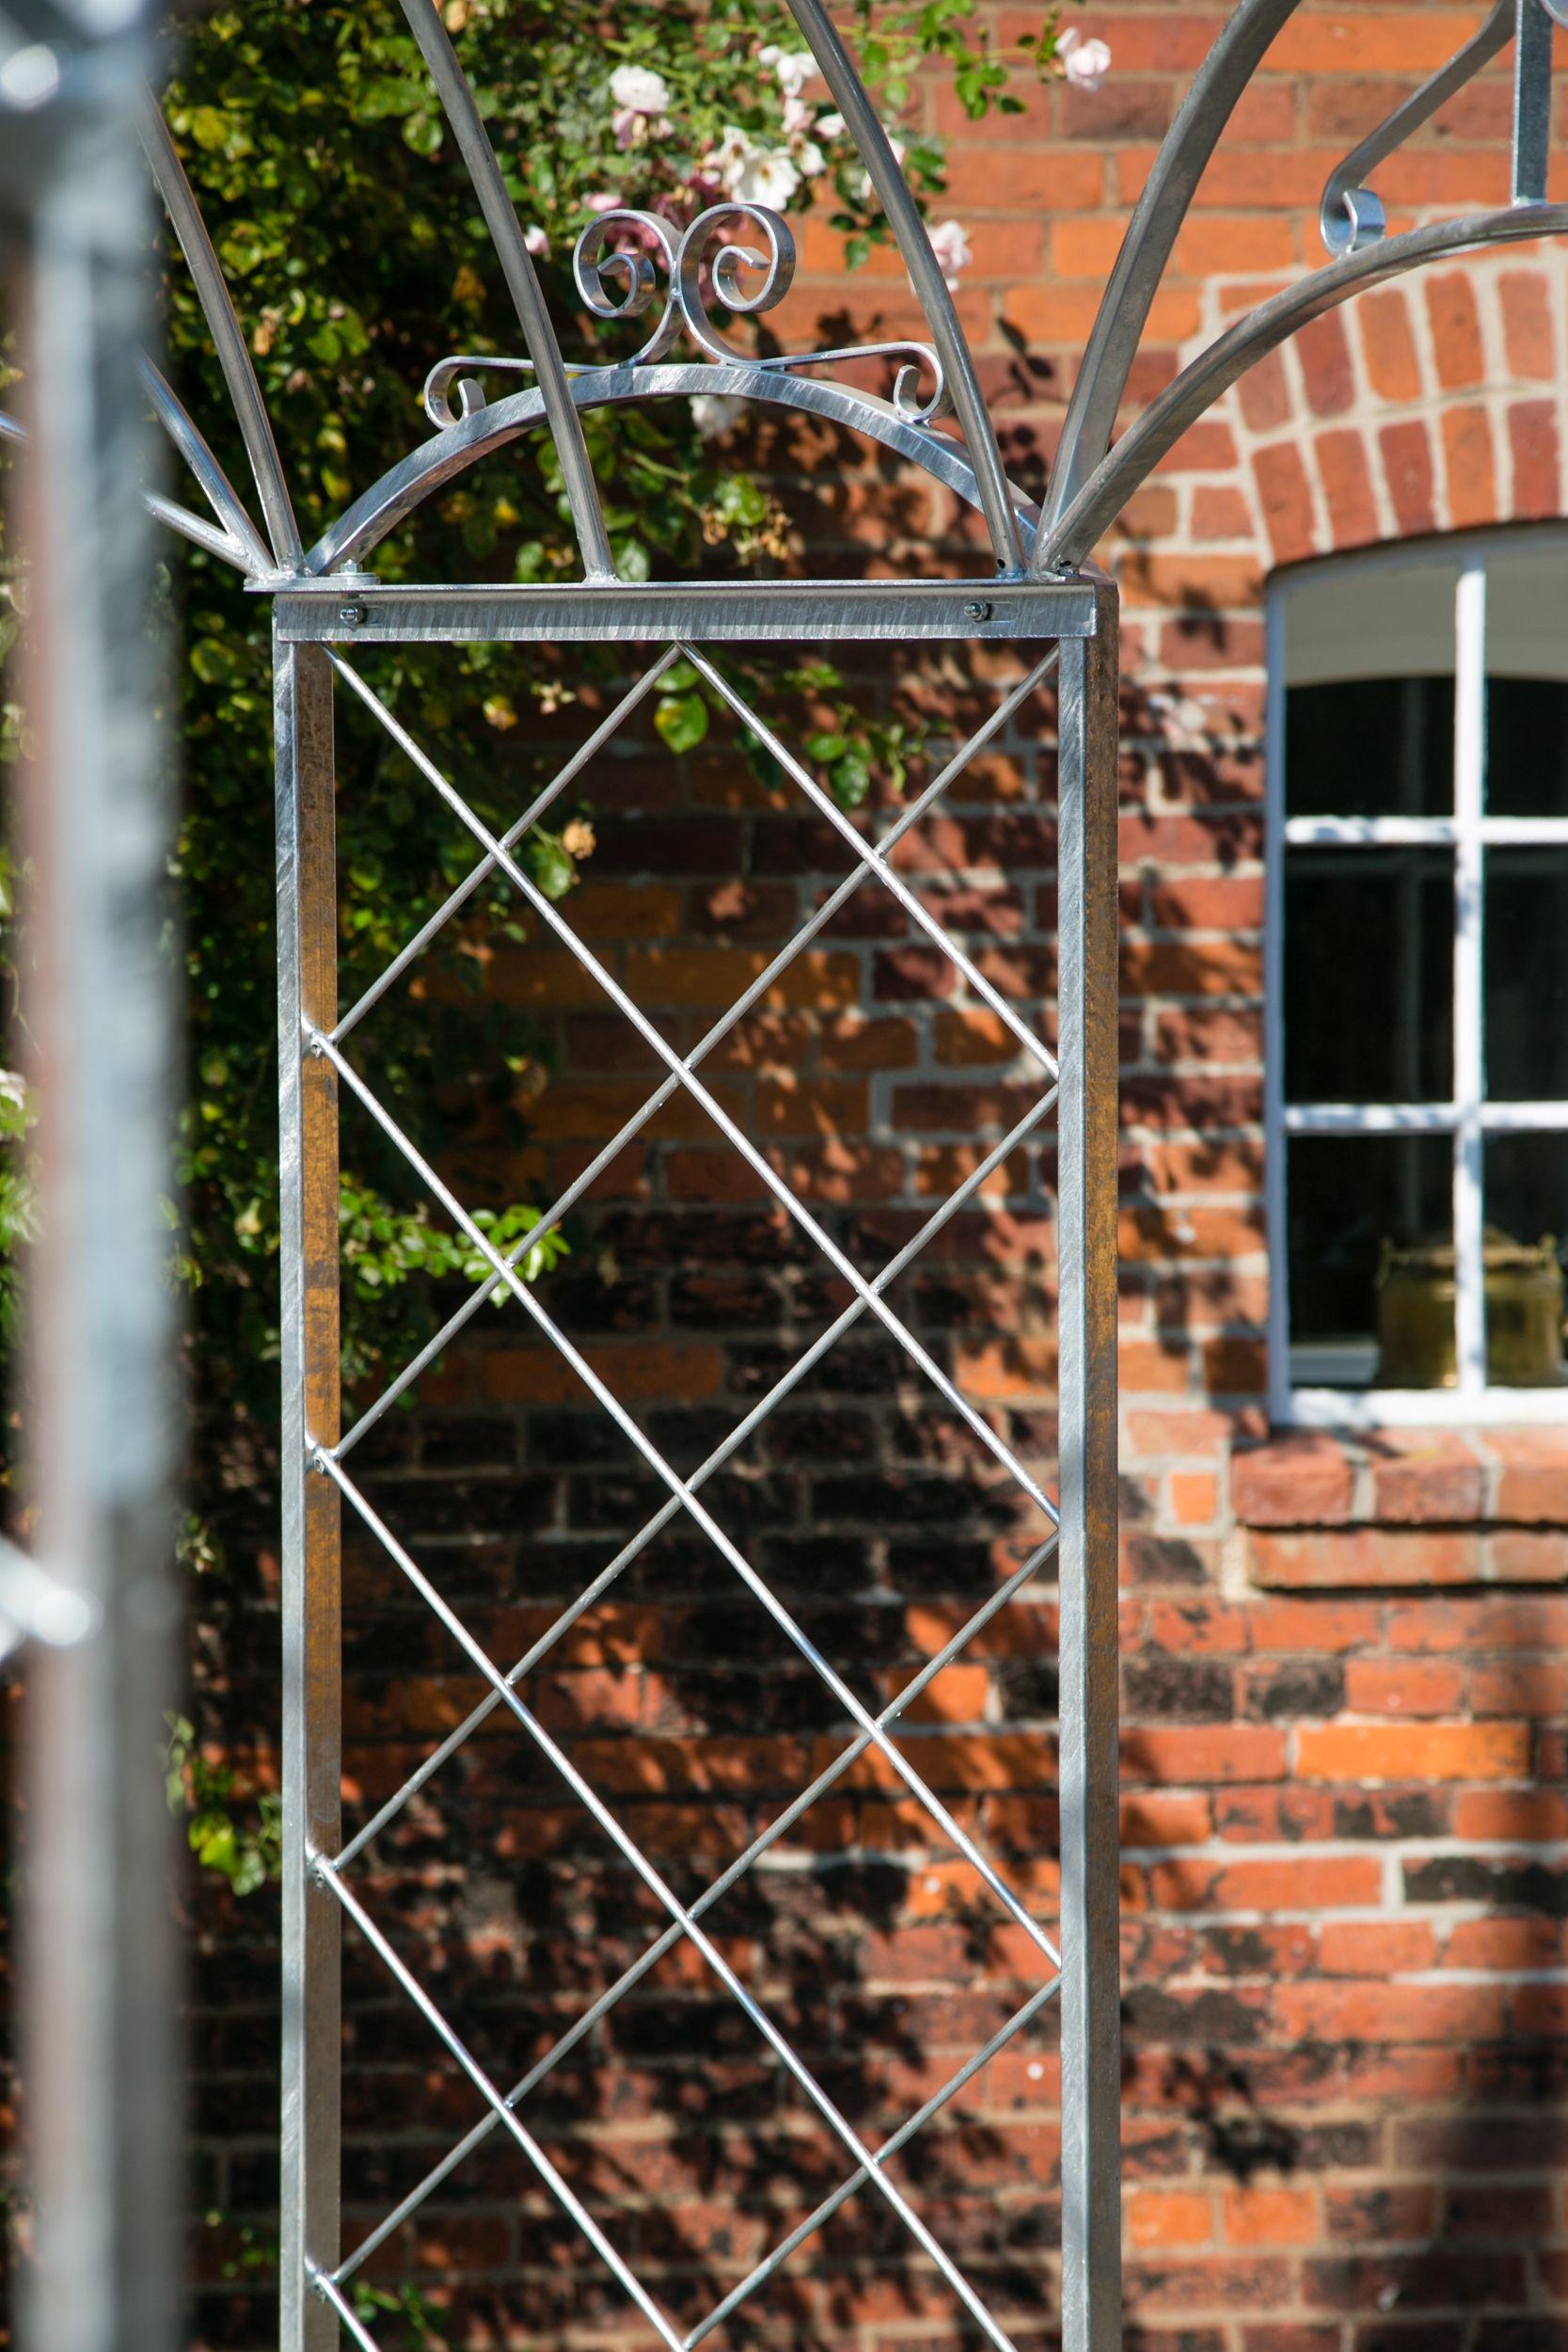 Full Size of Gartenpavillon Metall Wasserdicht Rund Pavillon Mit Festem Dach 3x4m 3 X 5 Glas Baumarkt Toom Glasdach Ebay Kleinanzeigen Klein Schweiz 3x3 Geschlossen Modern Wohnzimmer Gartenpavillon Metall